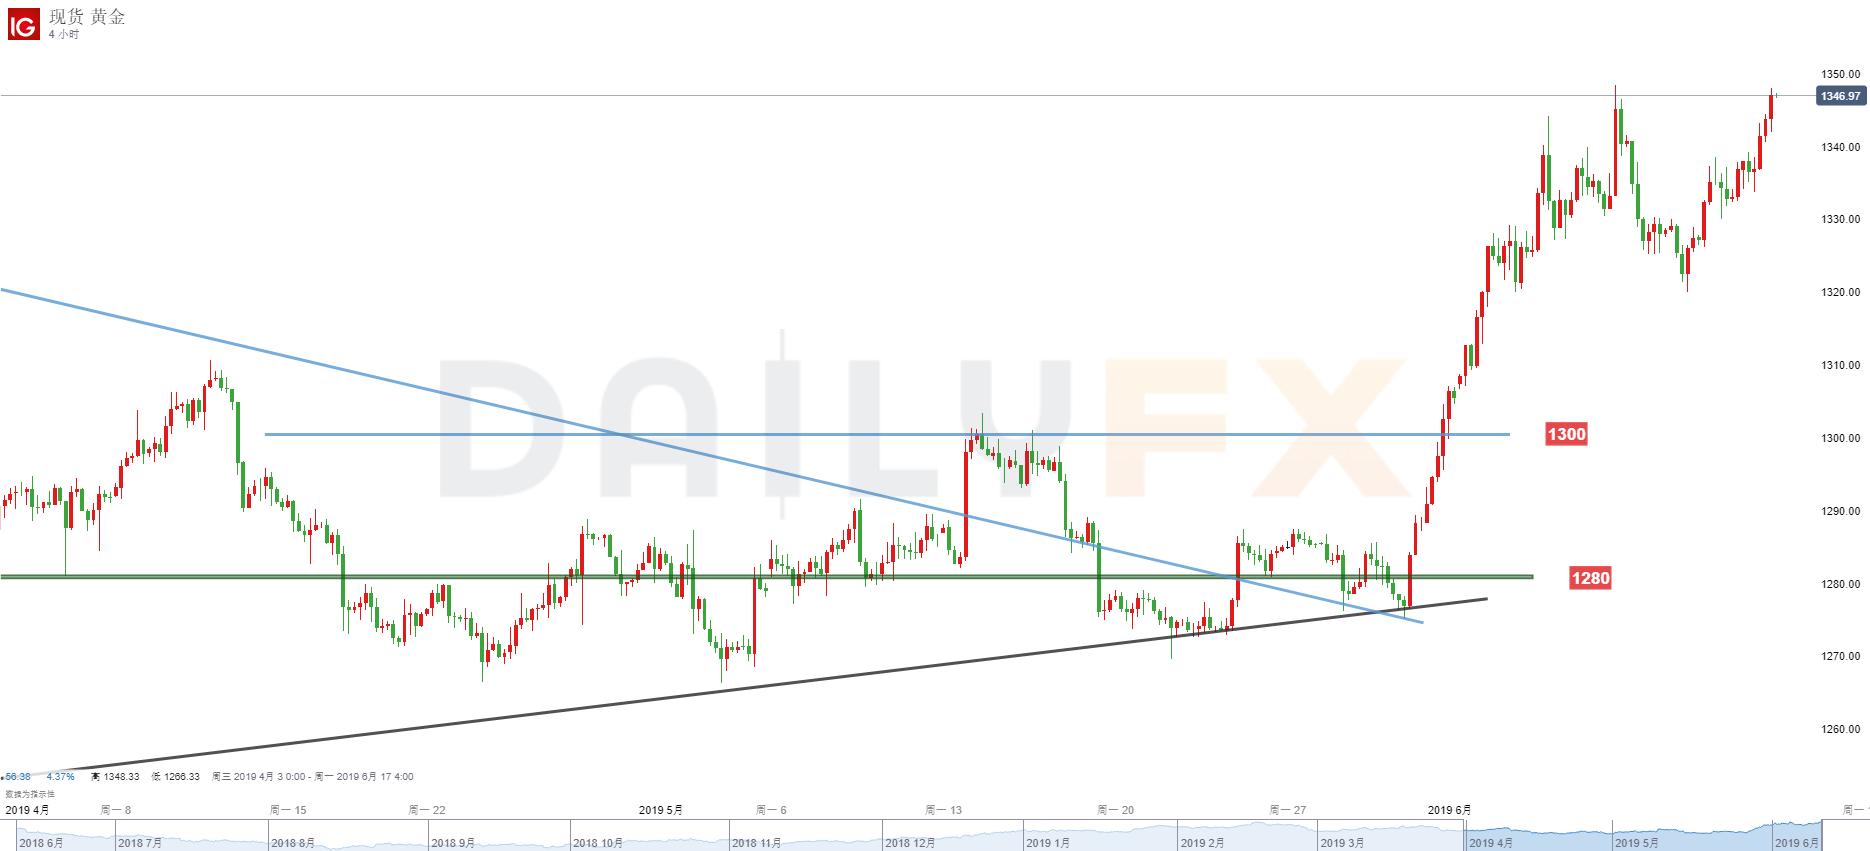 黃金/美元技術分析:關注1348-50阻力